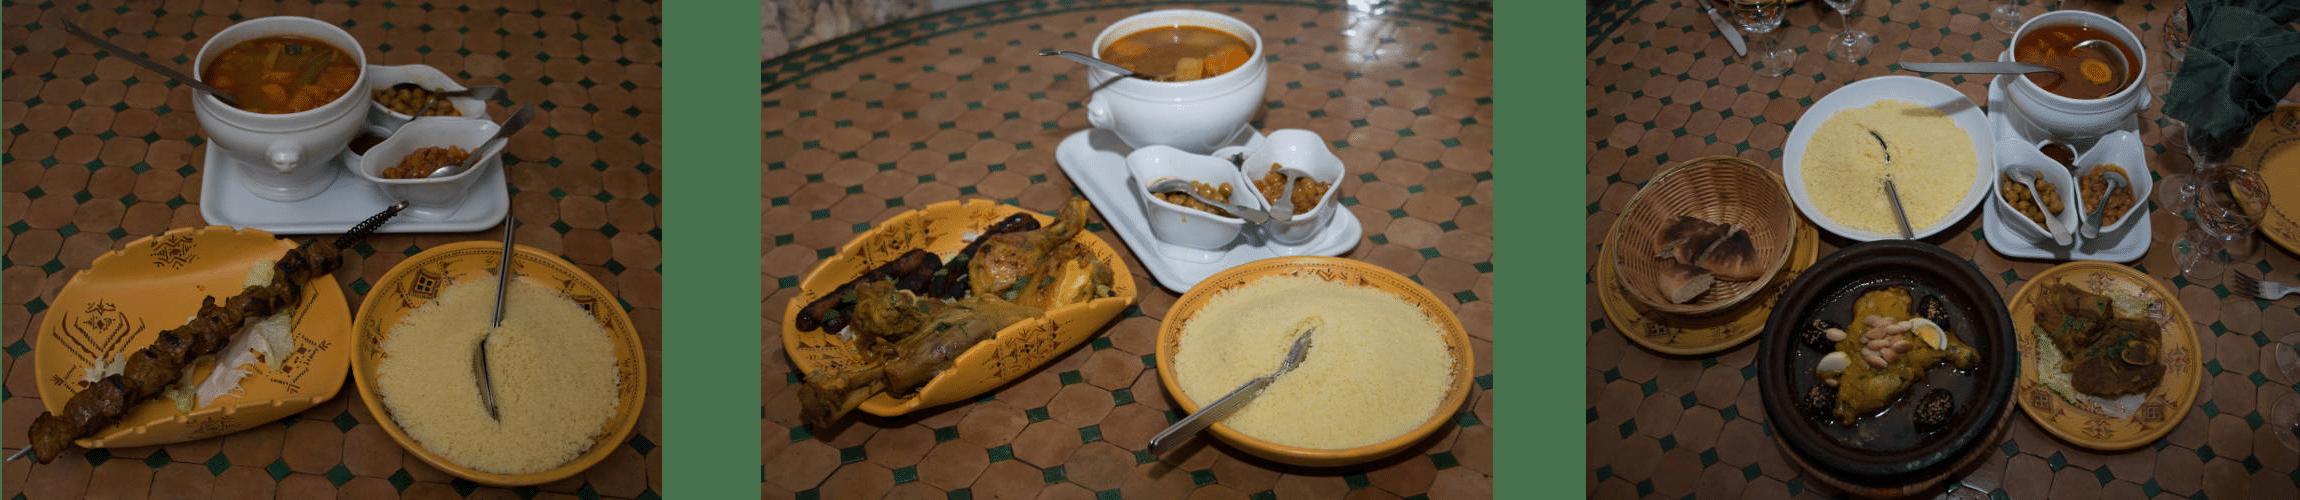 Restaurant-marocain-couscous-Seine-et-Marne-77-couscous